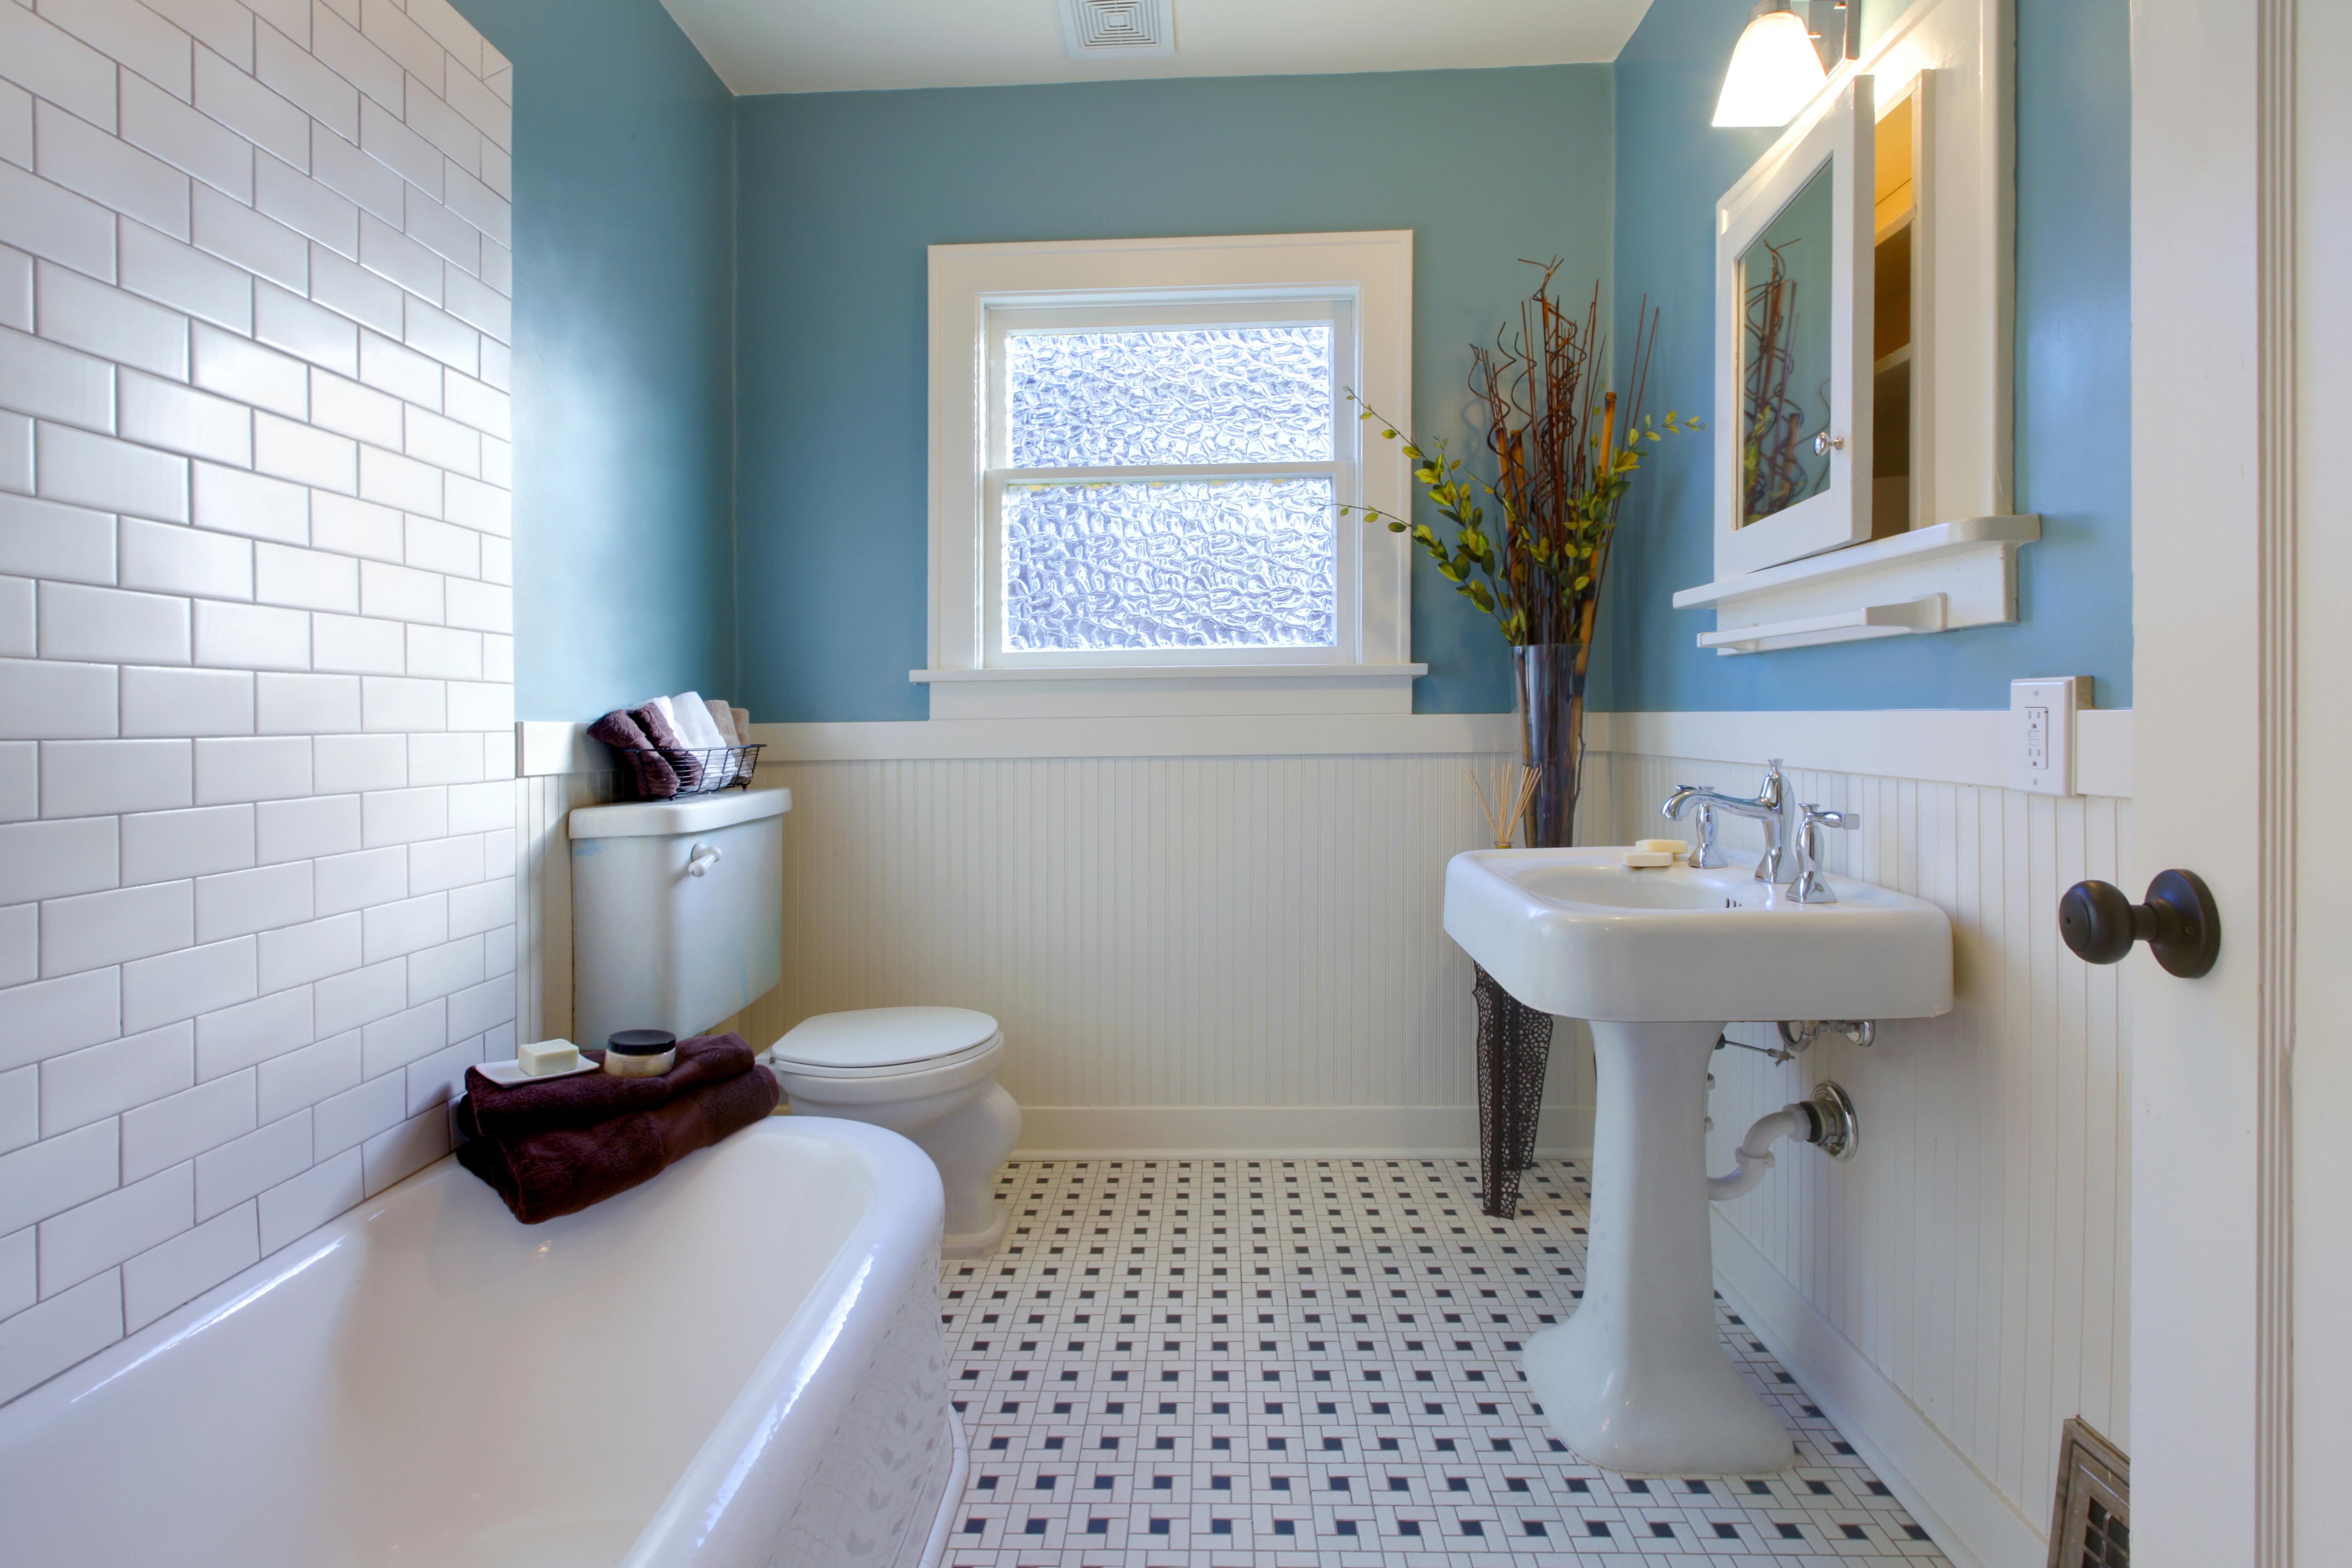 couleurs dans la salle de bains